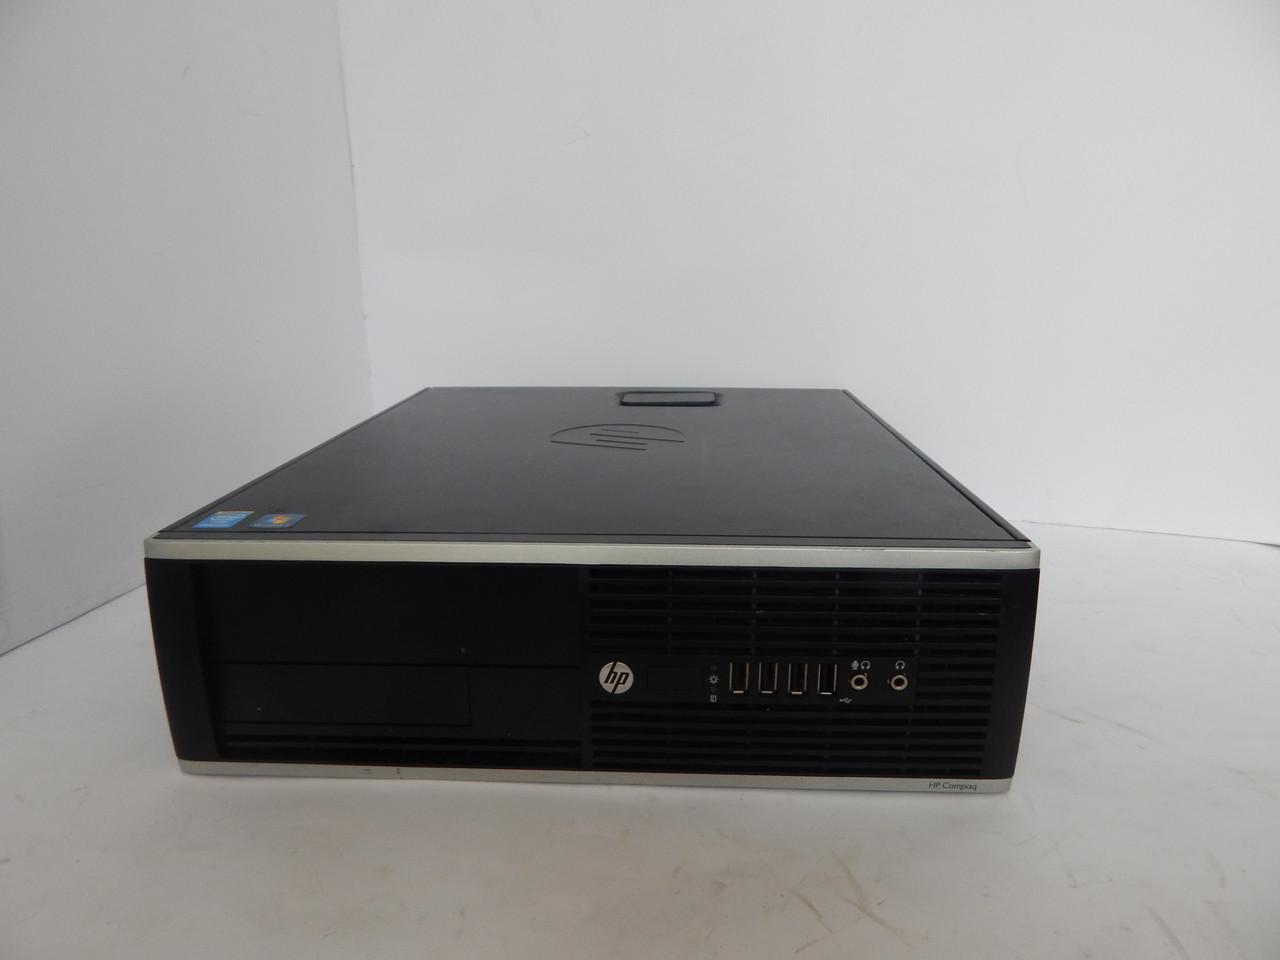 Компьютер HP i3-2100 ОЗУ 4ГБ DDR3 HDD 160ГБ